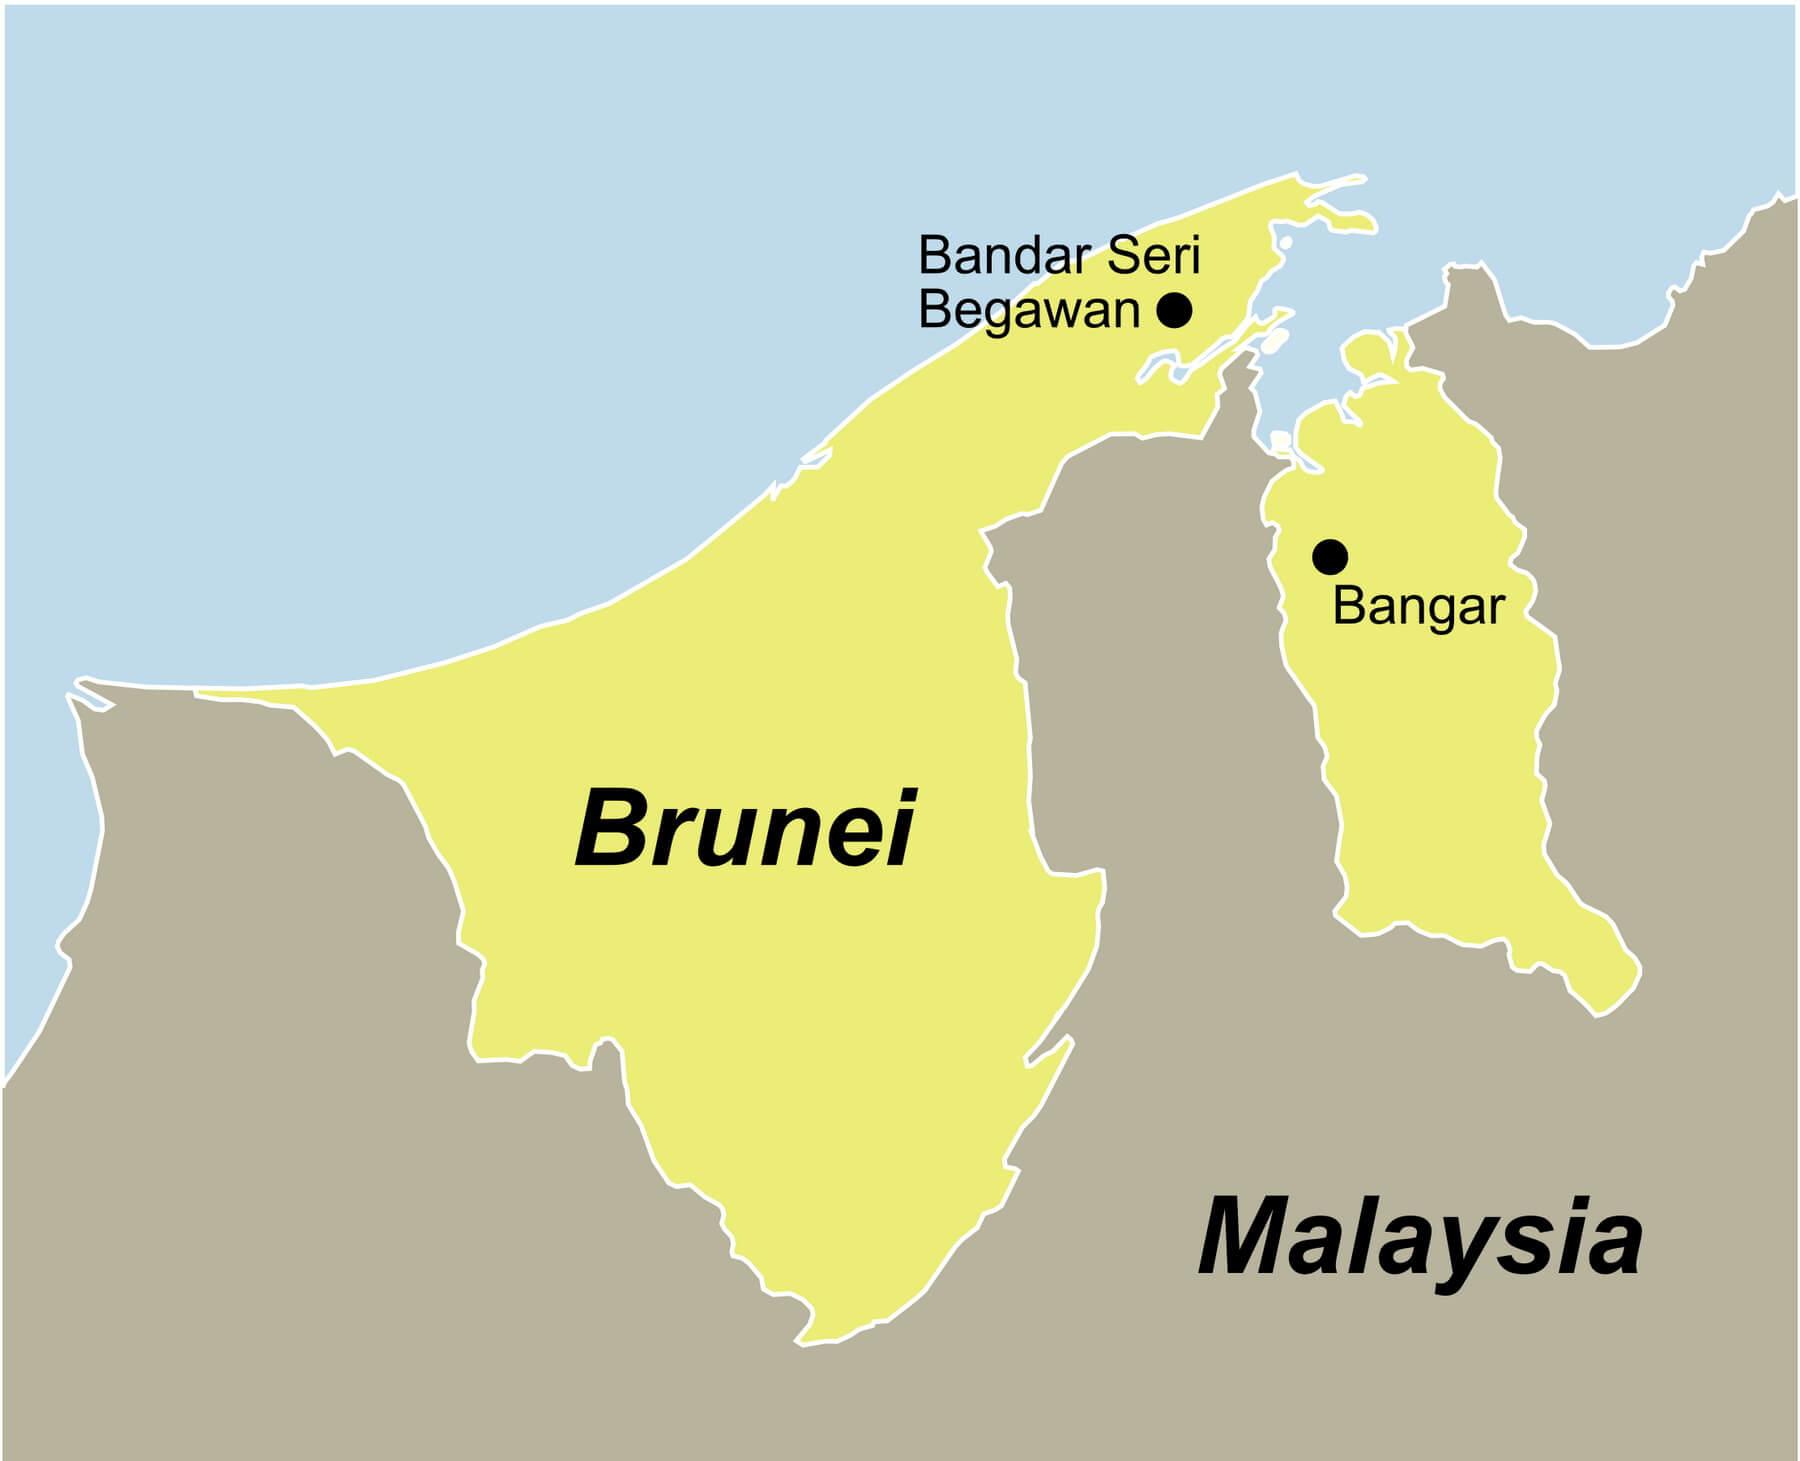 Brunei Traumurlaub anspruchsvoll mit dem Reiseveranstalter reisefieber planen und buchen